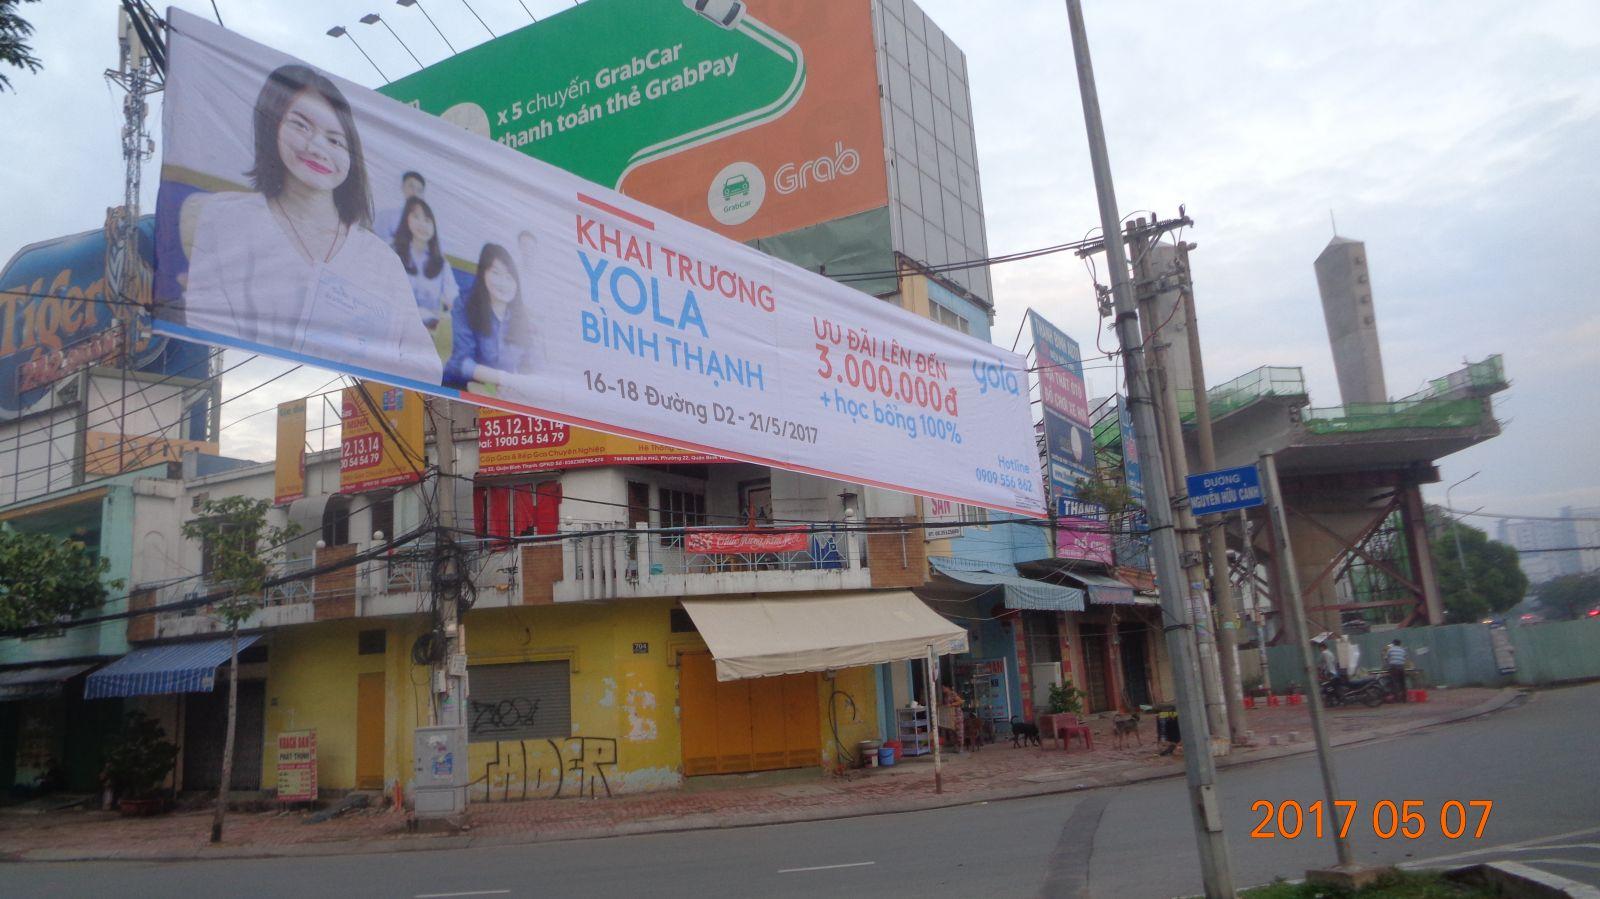 Treo băng rôn khai trương - Hình ảnh được chụp bởi NamVietAd.Com